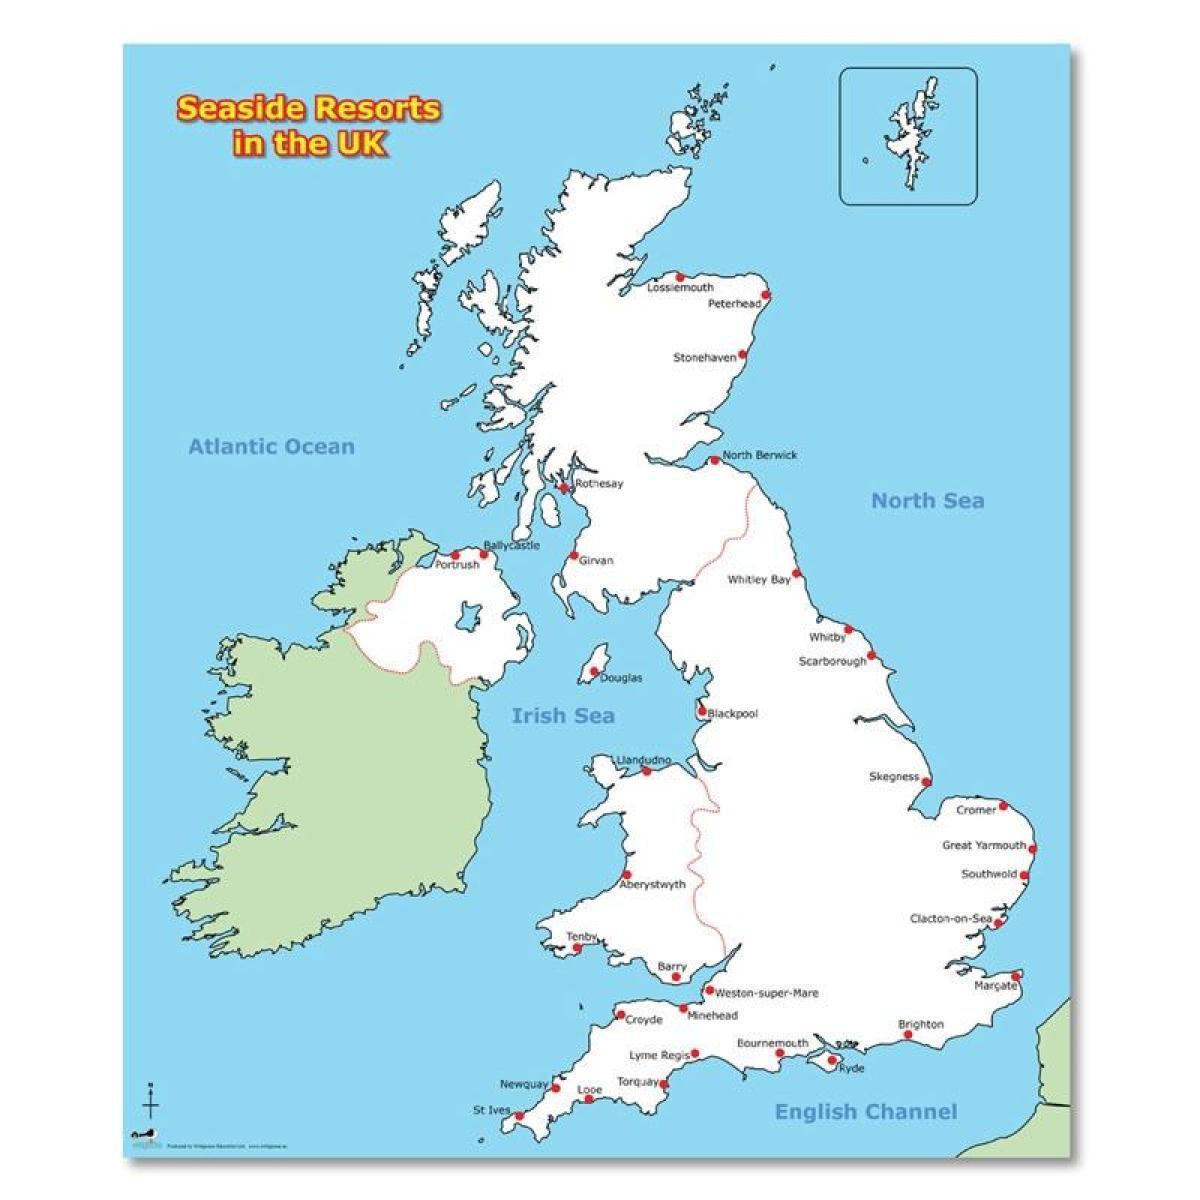 Irland Karte Europa.Meer Großbritannien Karte Leere Karte Von Großbritannien Und